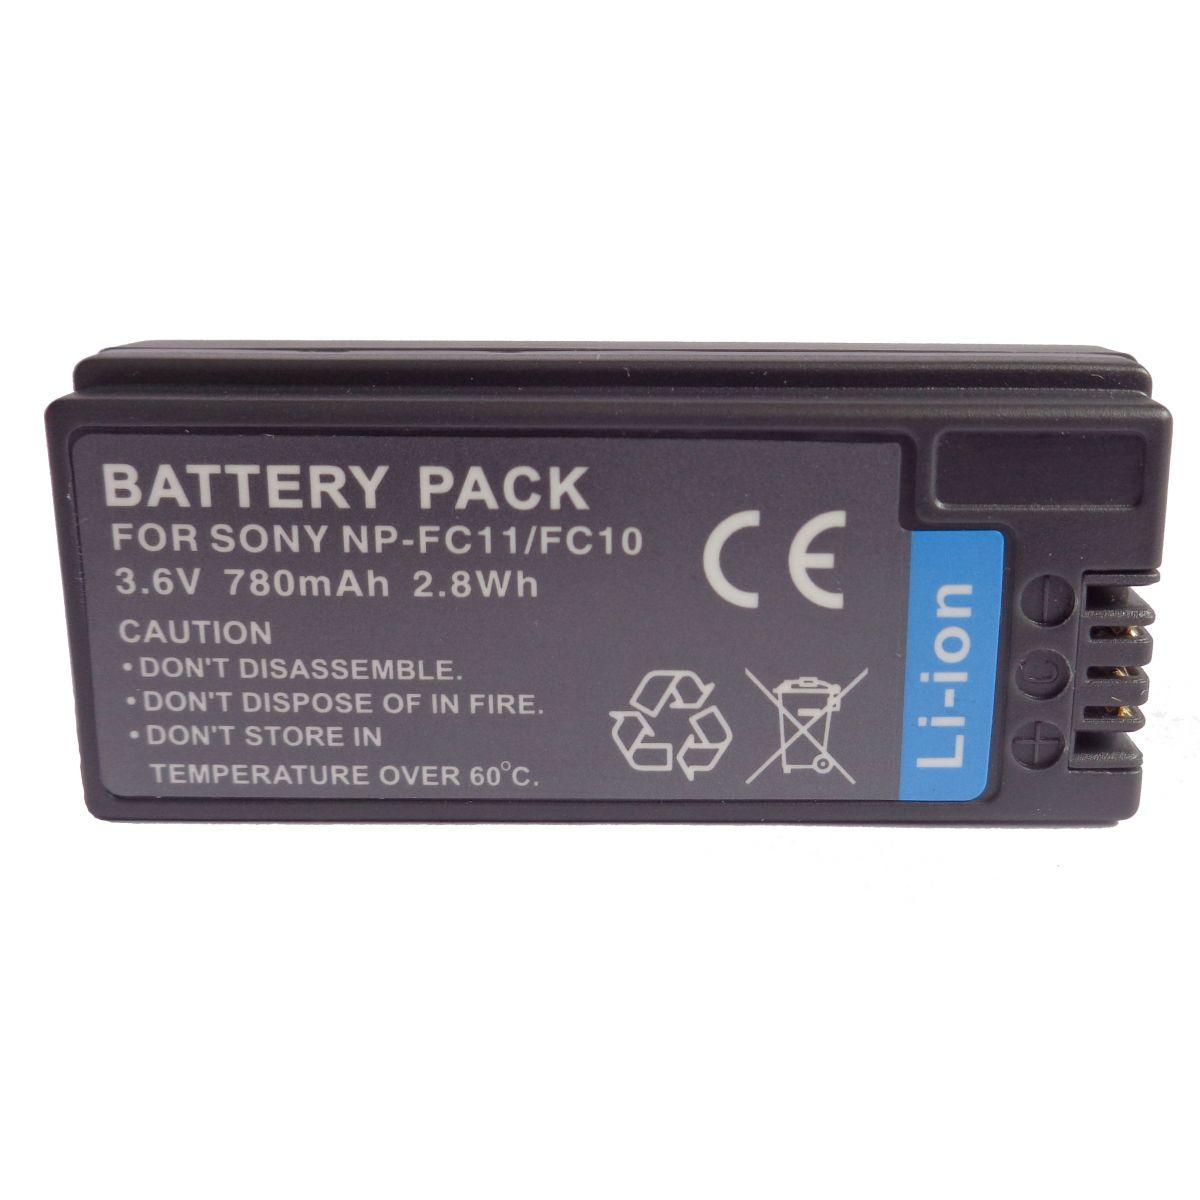 Bateria NP-FC10 para Sony Cyber-shot DSC-P2, DSC-P5, DSC-P10, DSC-P12, DSC-V1, DSC-F7